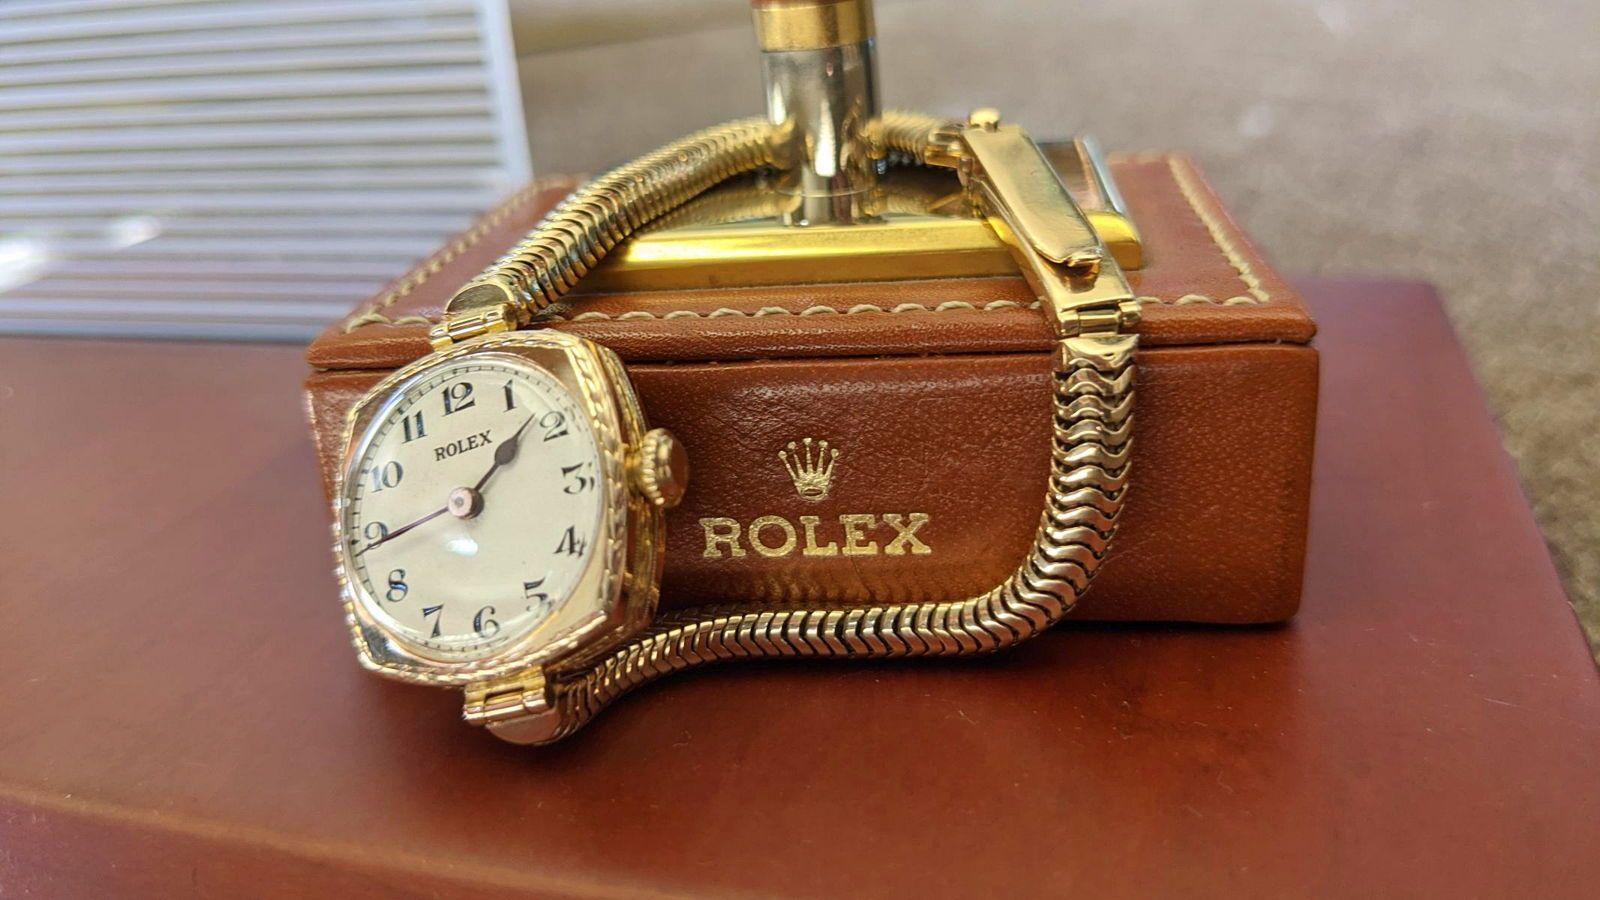 Rolex, montre femme, Or 9K, révisée